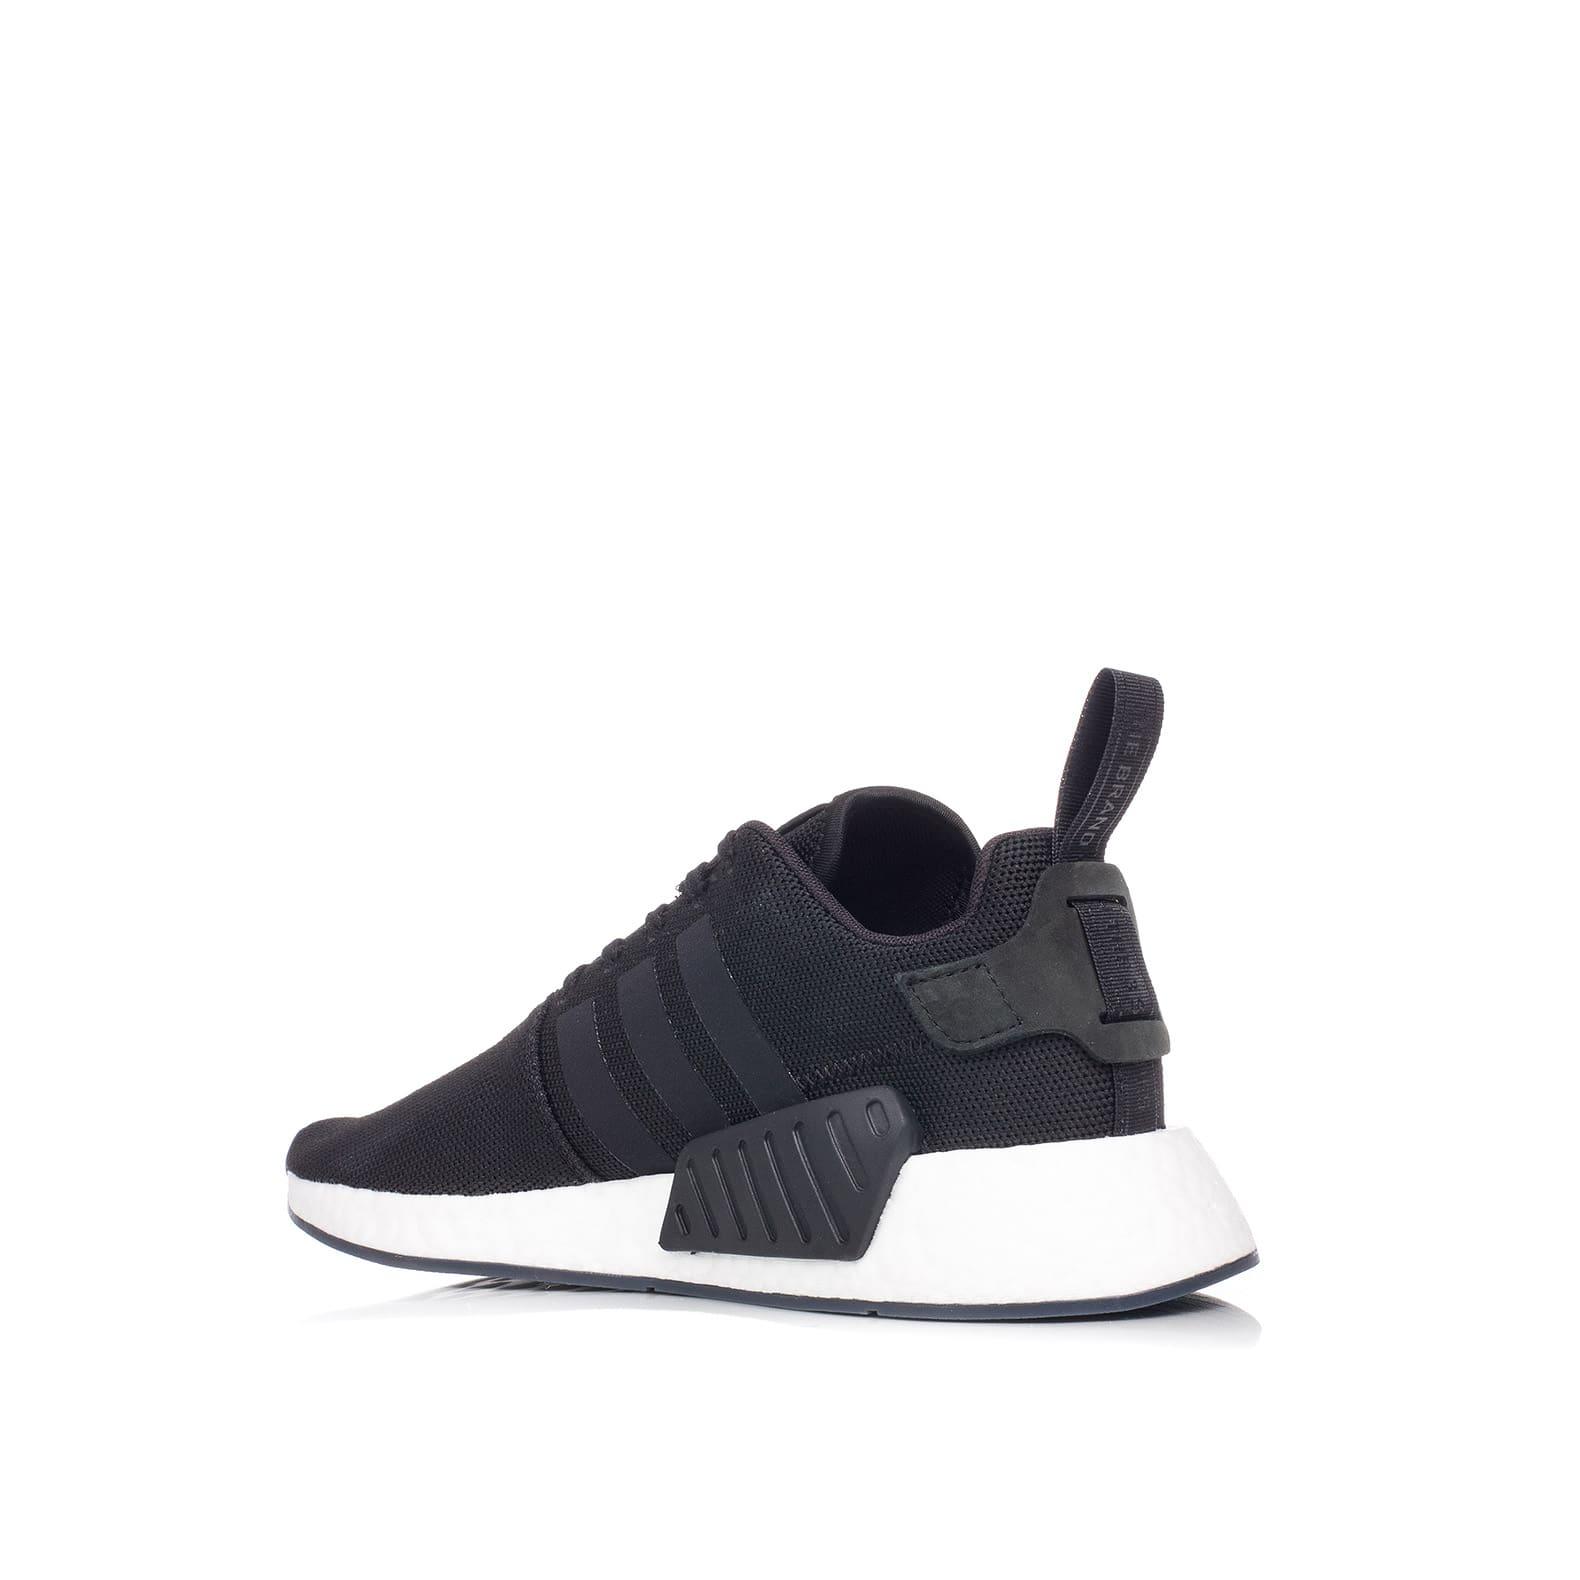 quality design a189a f413a adidas Originals NMD R2 Primeknit Black